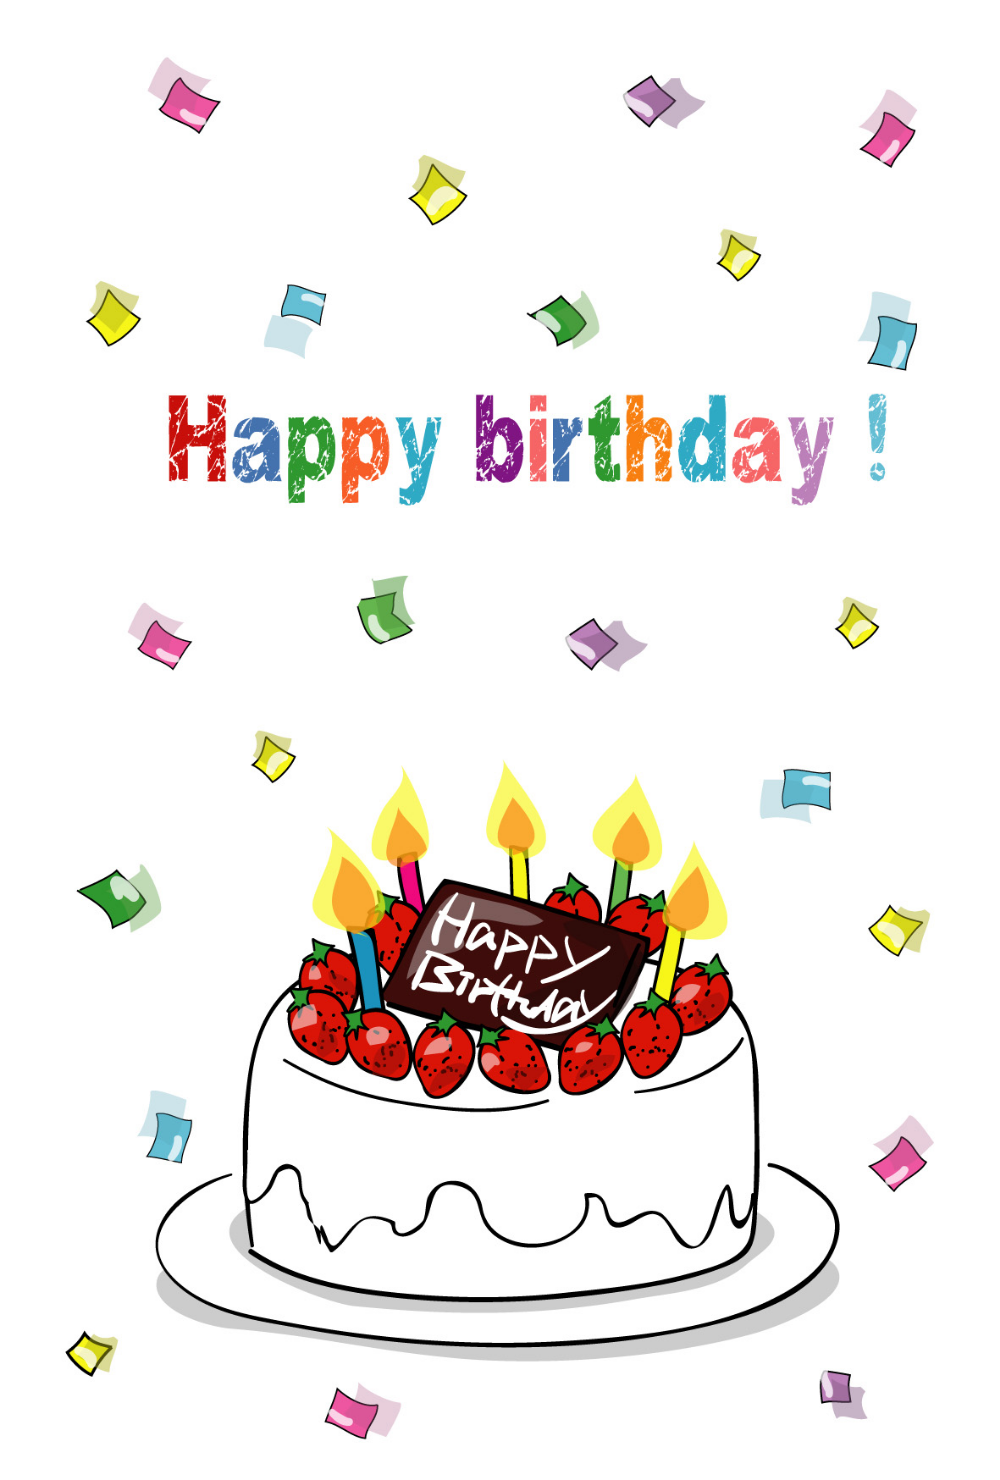 誕生祝いポストカードテンプレート バースデーケーキと紙ふぶき ダウンロード かわいい無料はがき はがき絵箱 2020 誕生日 背景 バースデーケーキ イラスト 誕生日おめでとう メッセージ